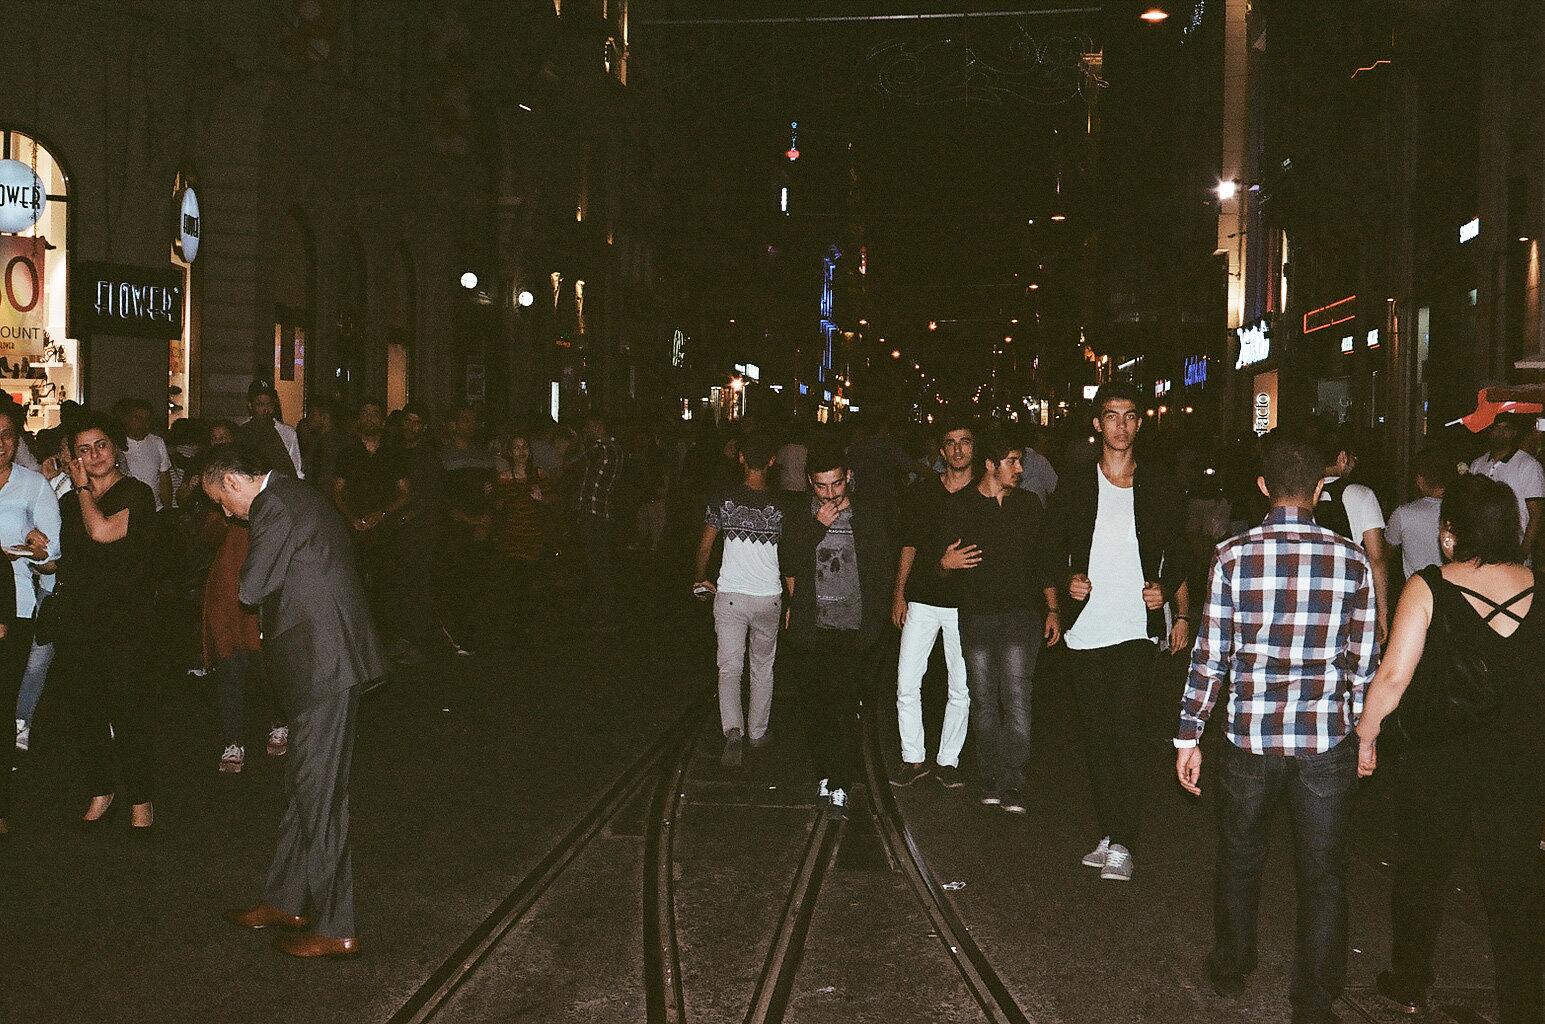 Belebte Straße im nächtlichen Istanbul